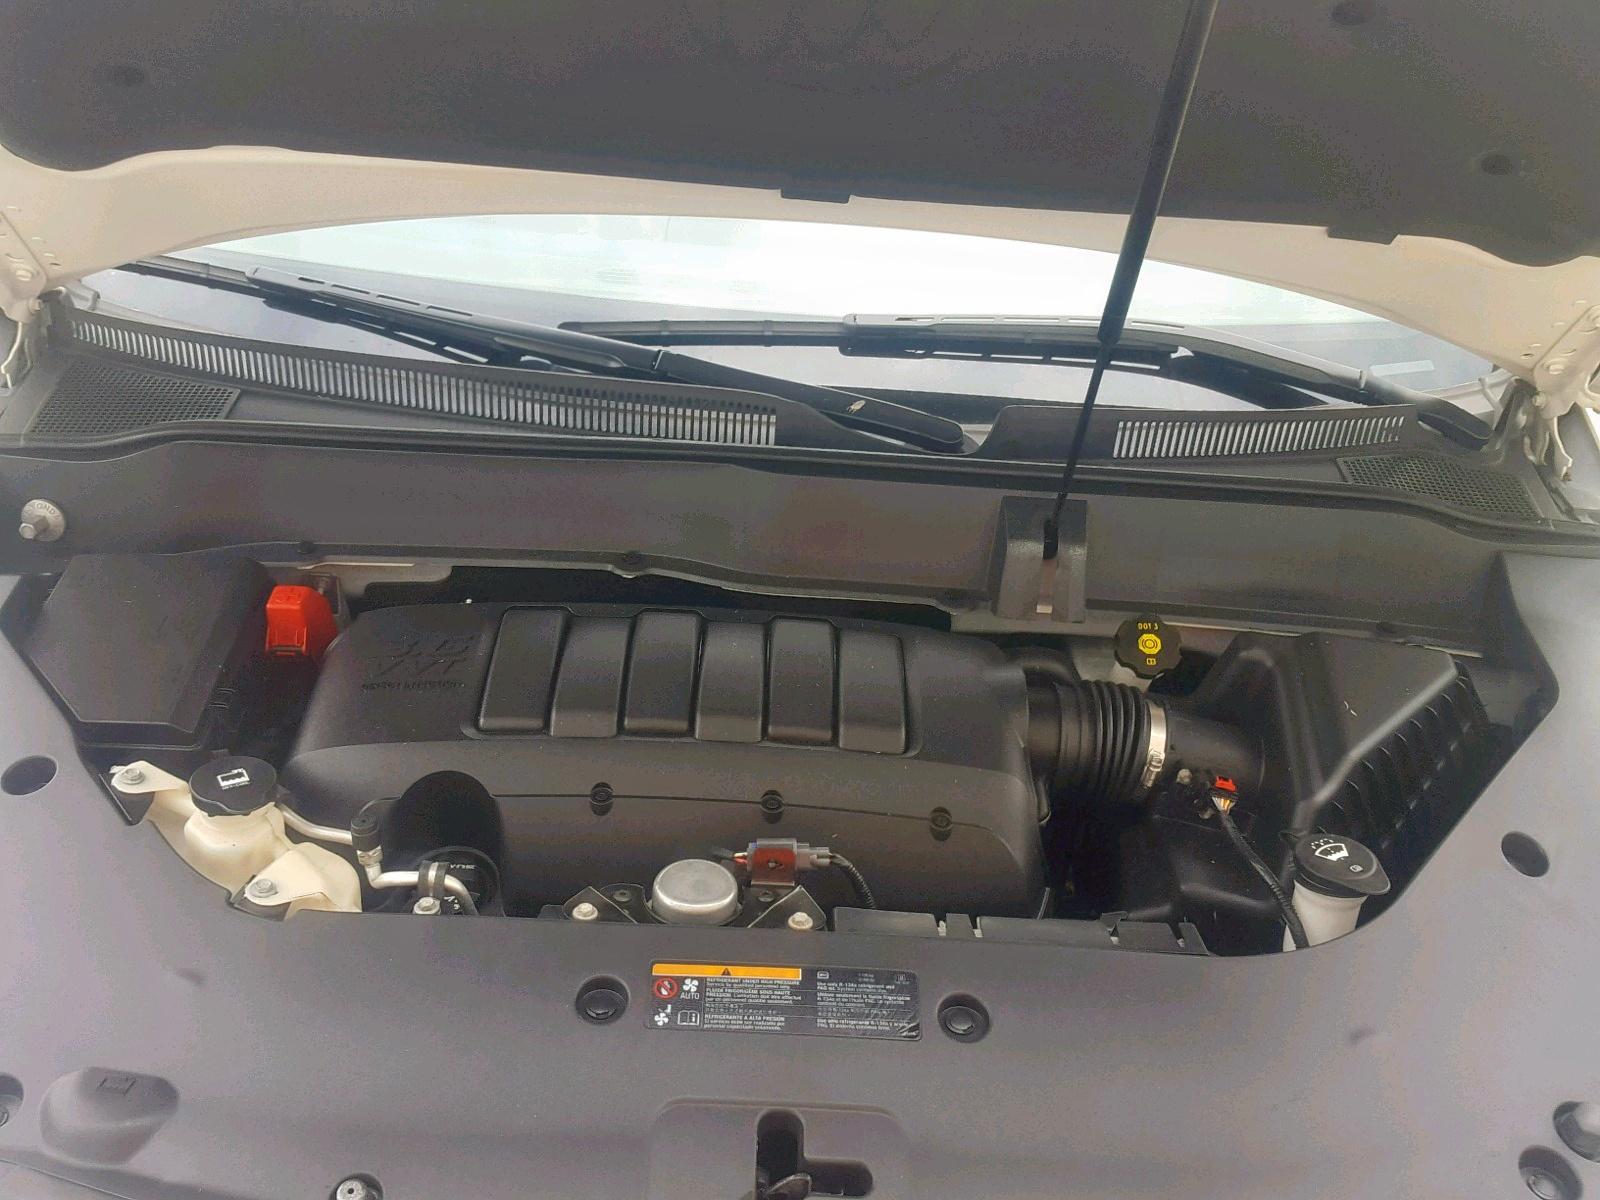 5GAKRBKD2FJ121885 - 2015 Buick Enclave 3.6L inside view